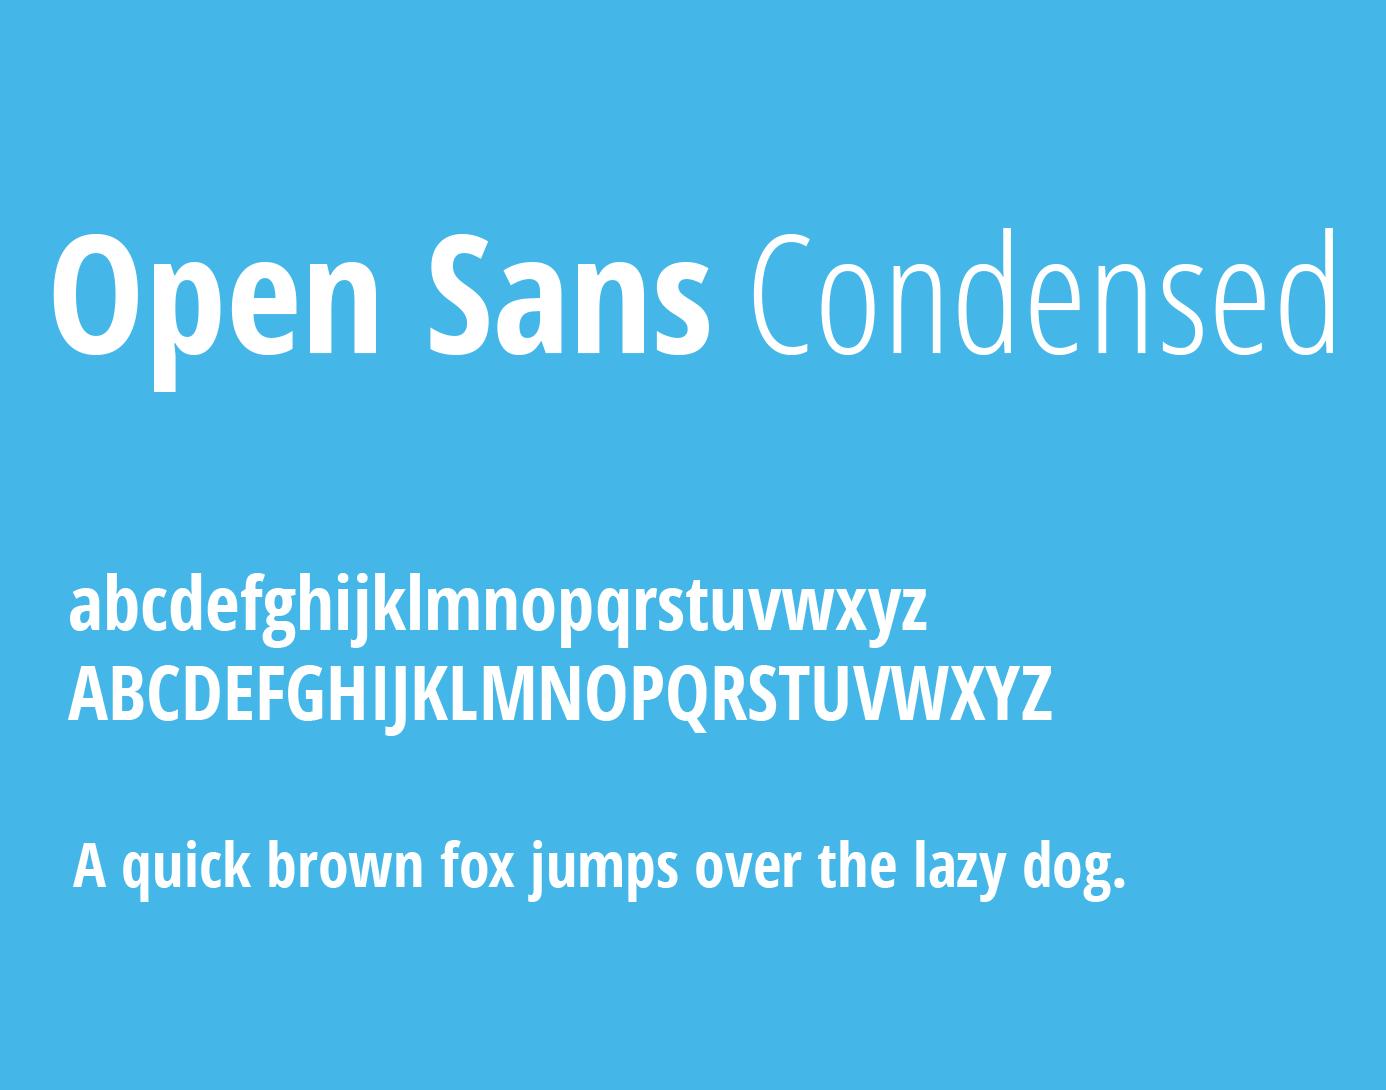 open-sans-condensed-font